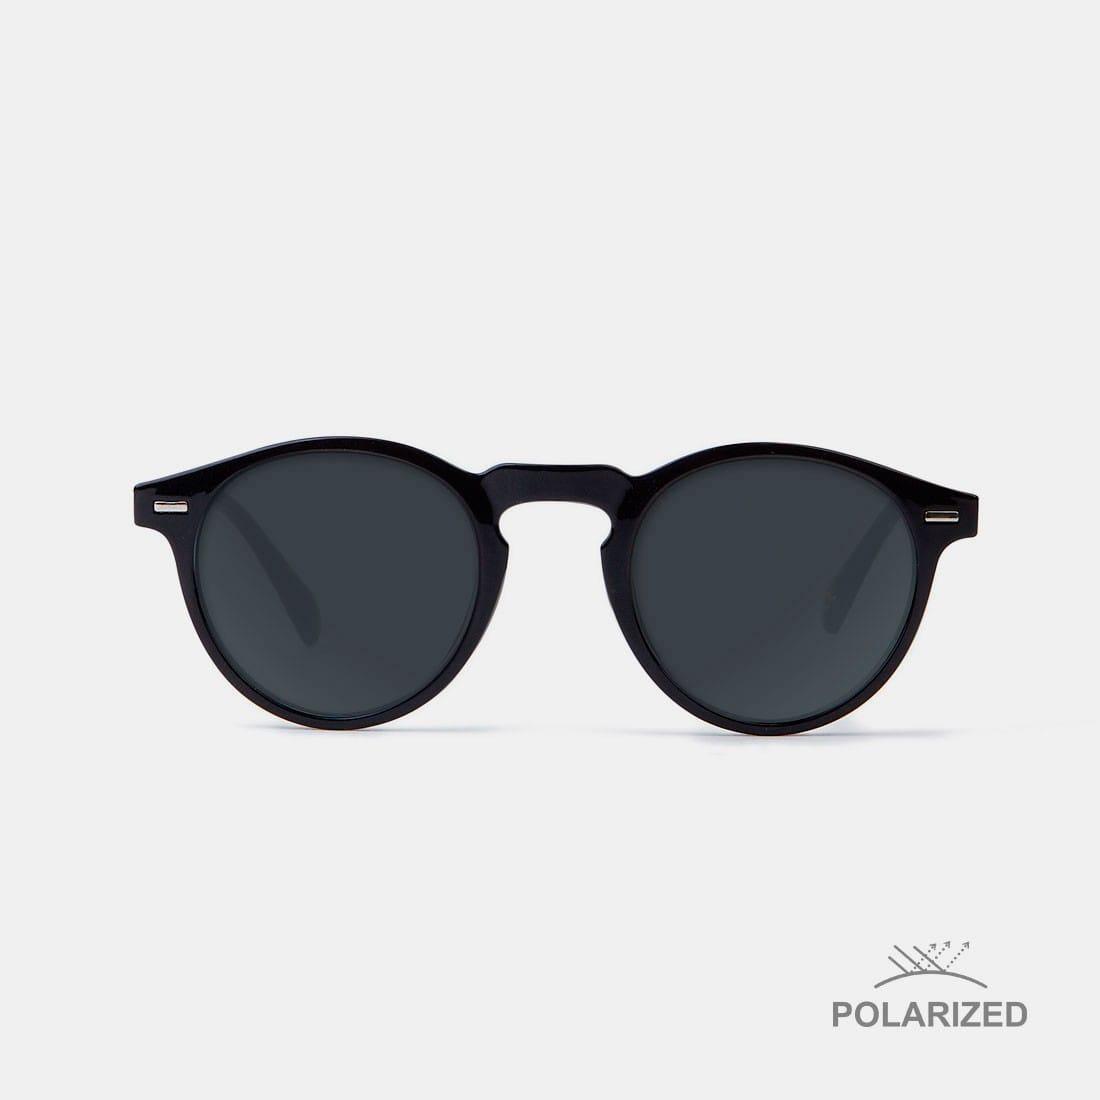 Nueva ptica chiclana ptica chiclana - Emoticono gafas de sol ...